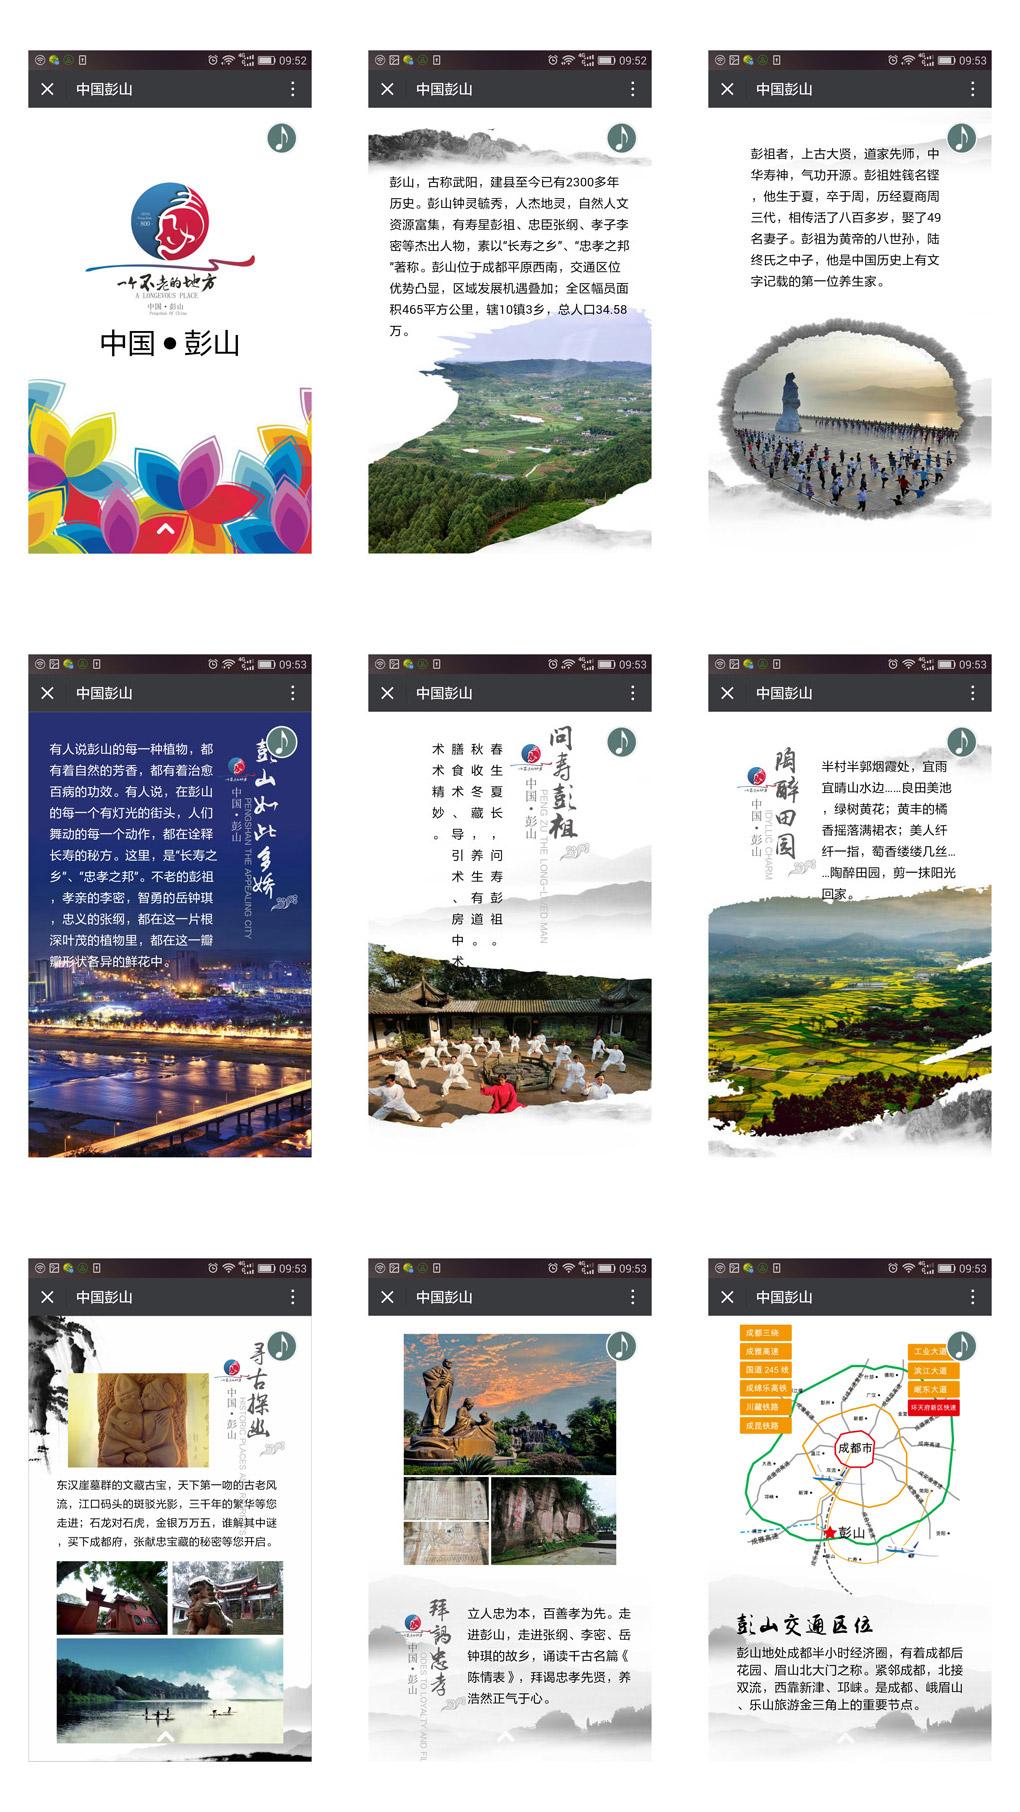 彭山旅游宣传H5设计_成都旅游宣传H5设计公司